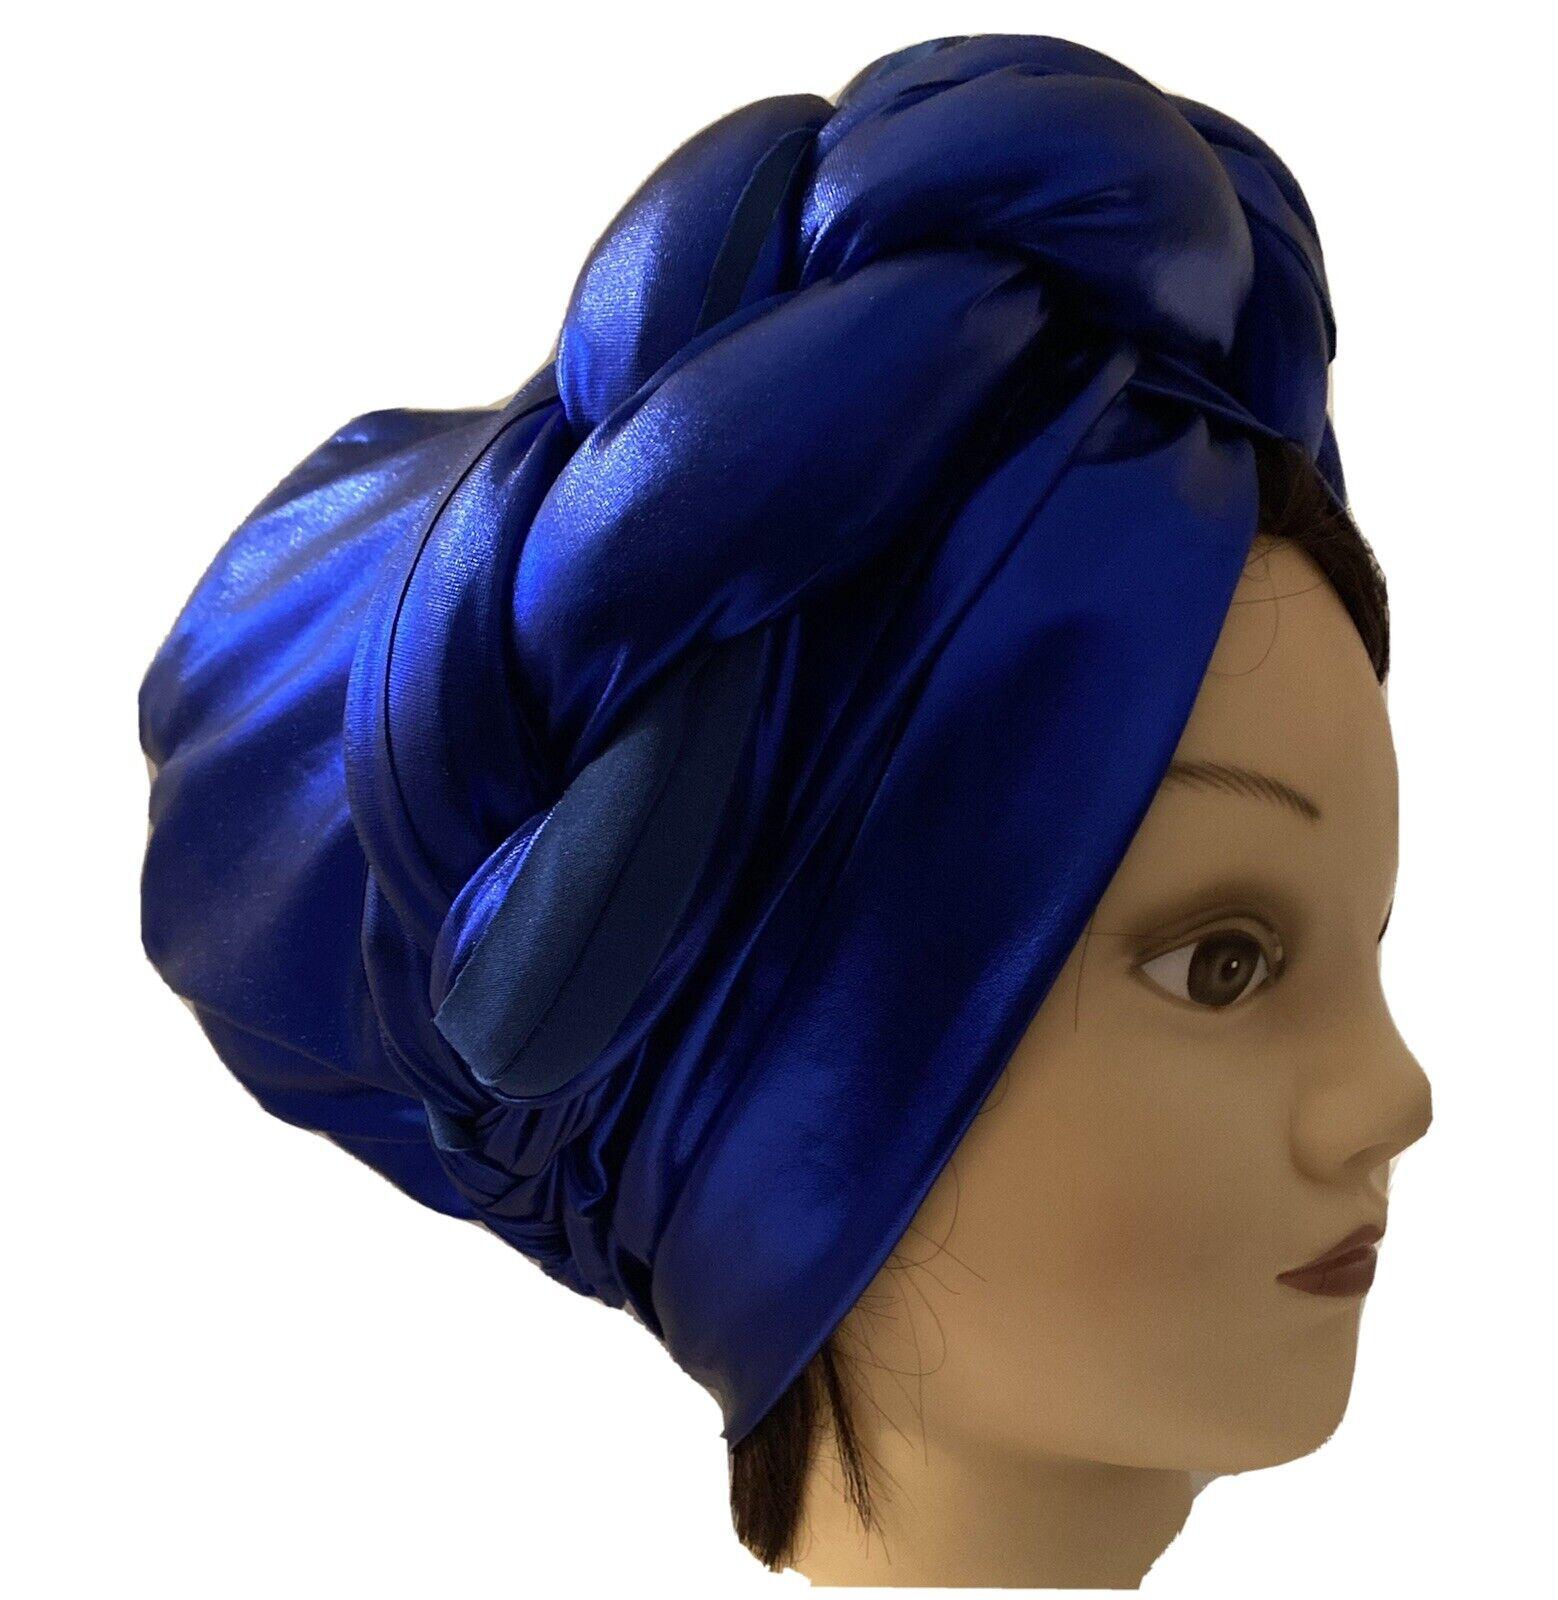 African Women Elegant Turban cap auto gele Dark Blue turban